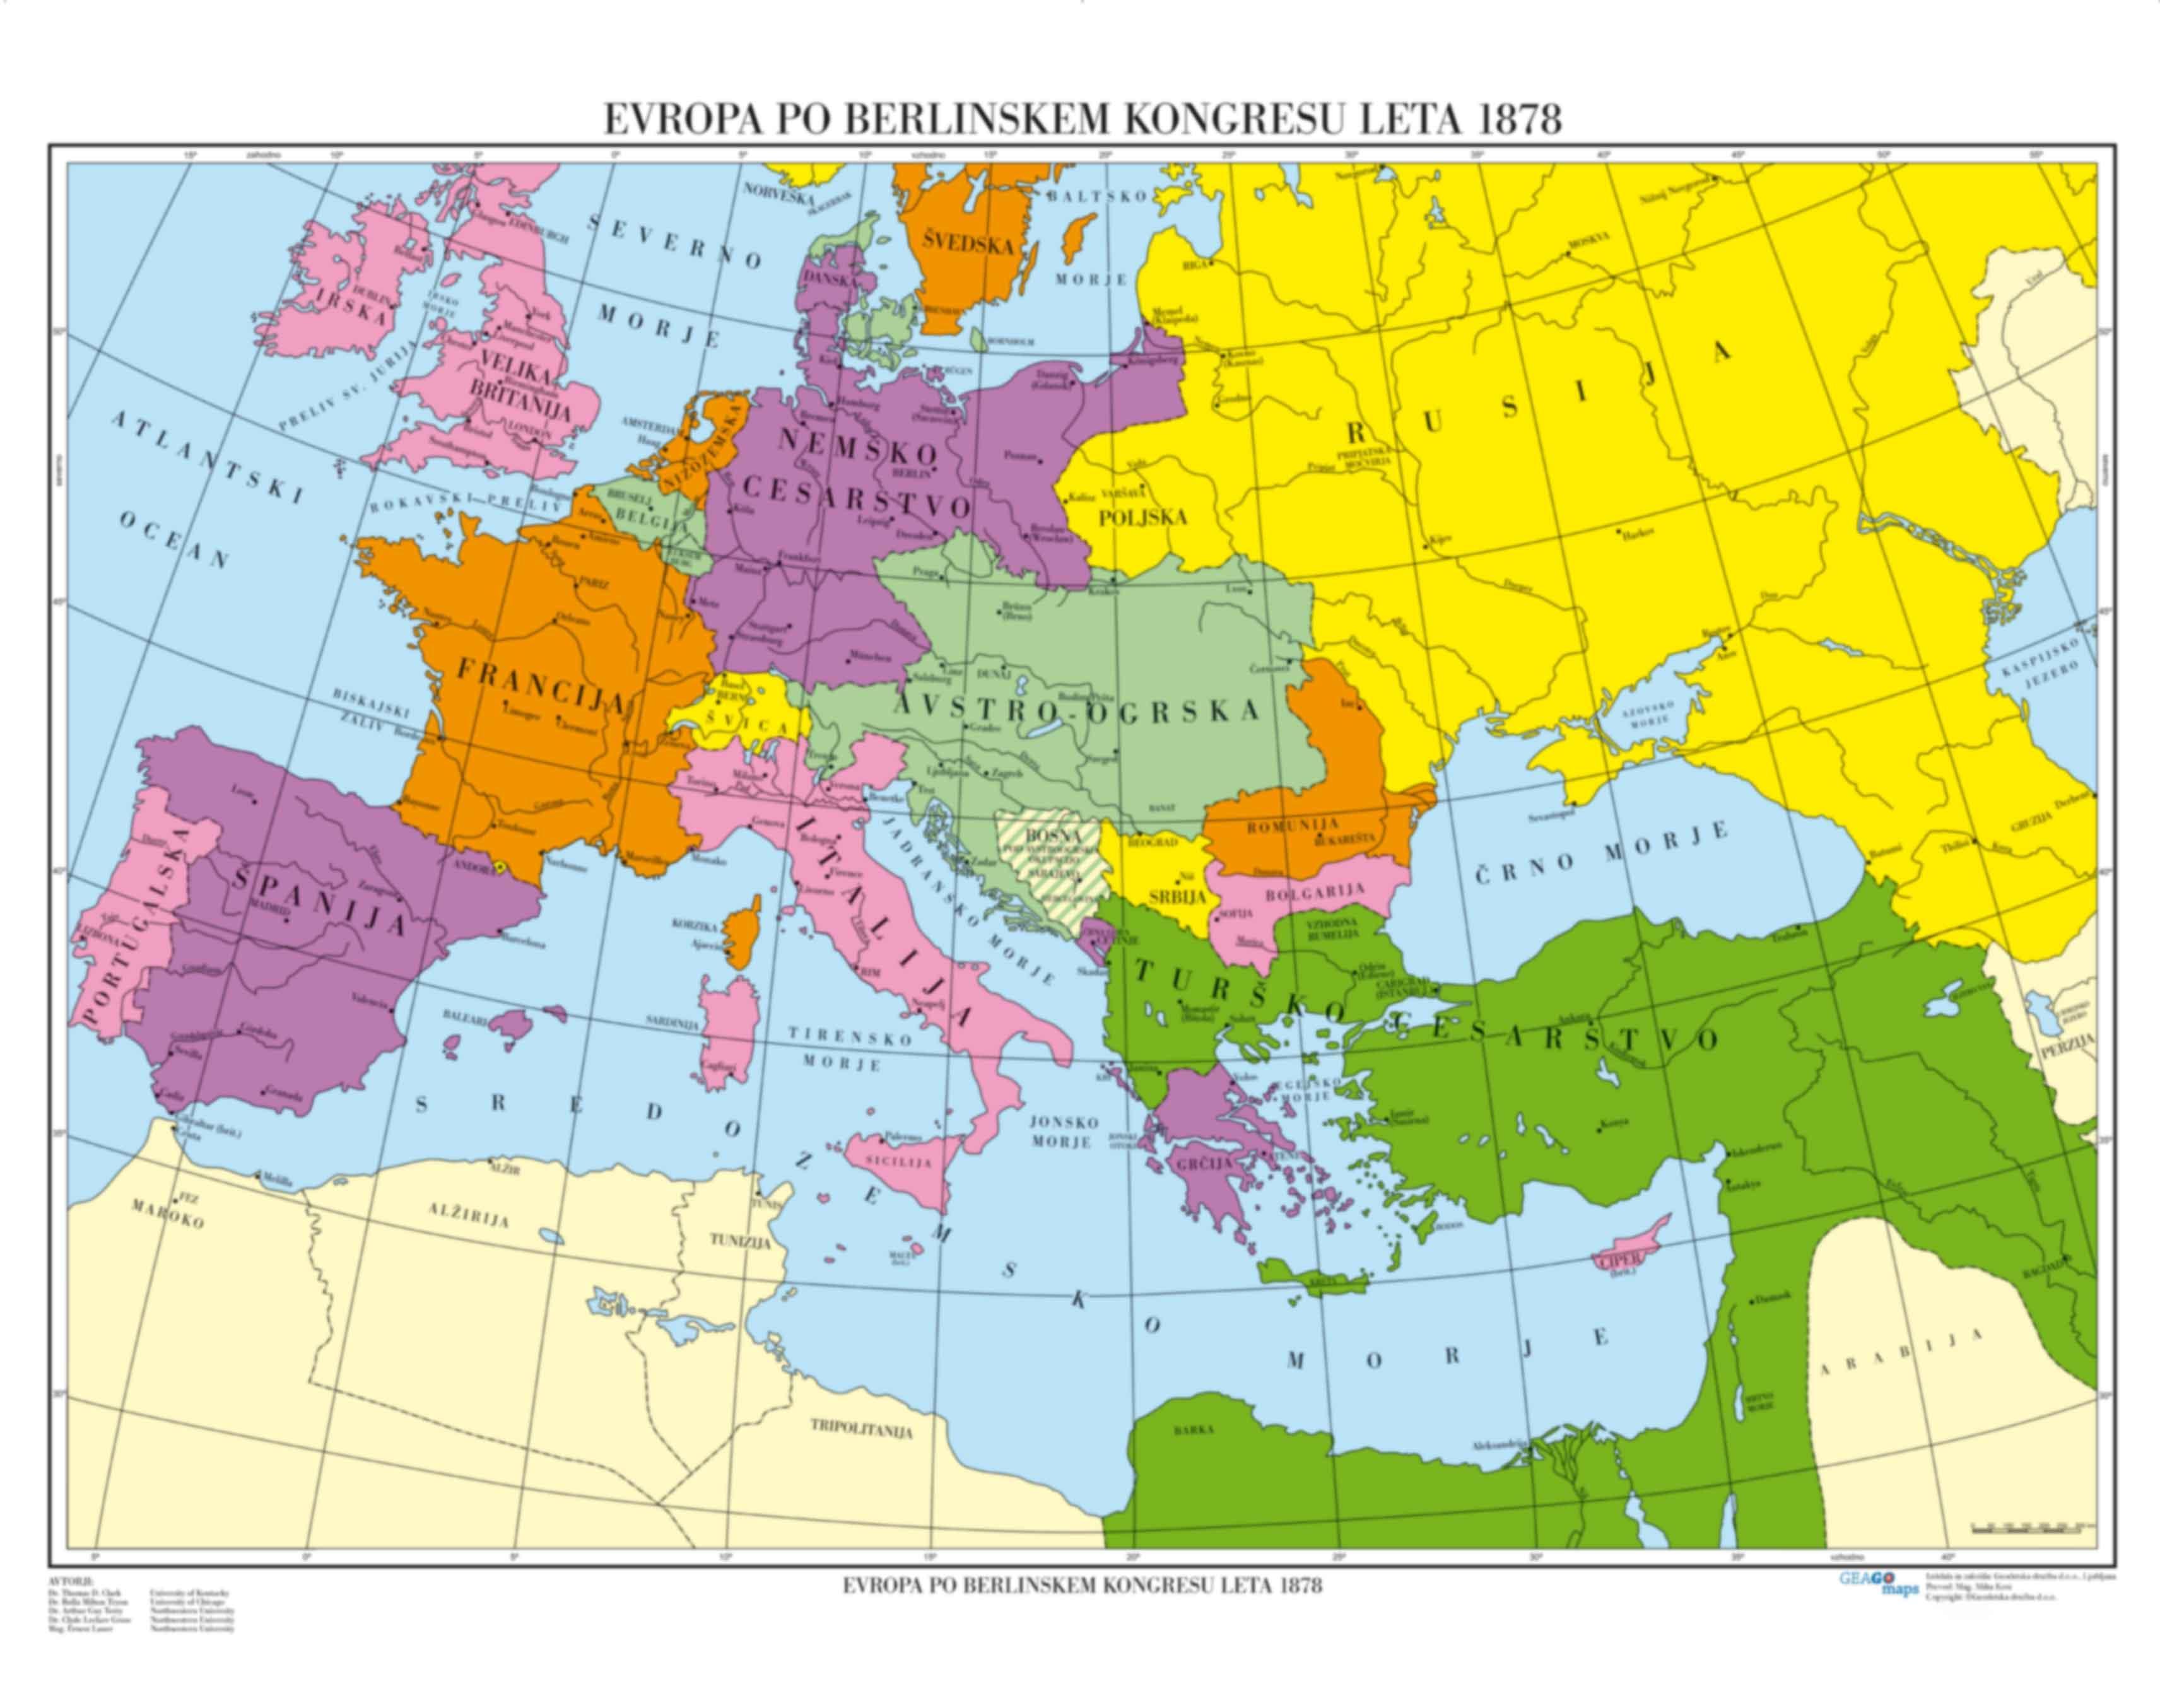 Evropa po Berlinskem kongresu leta 1878